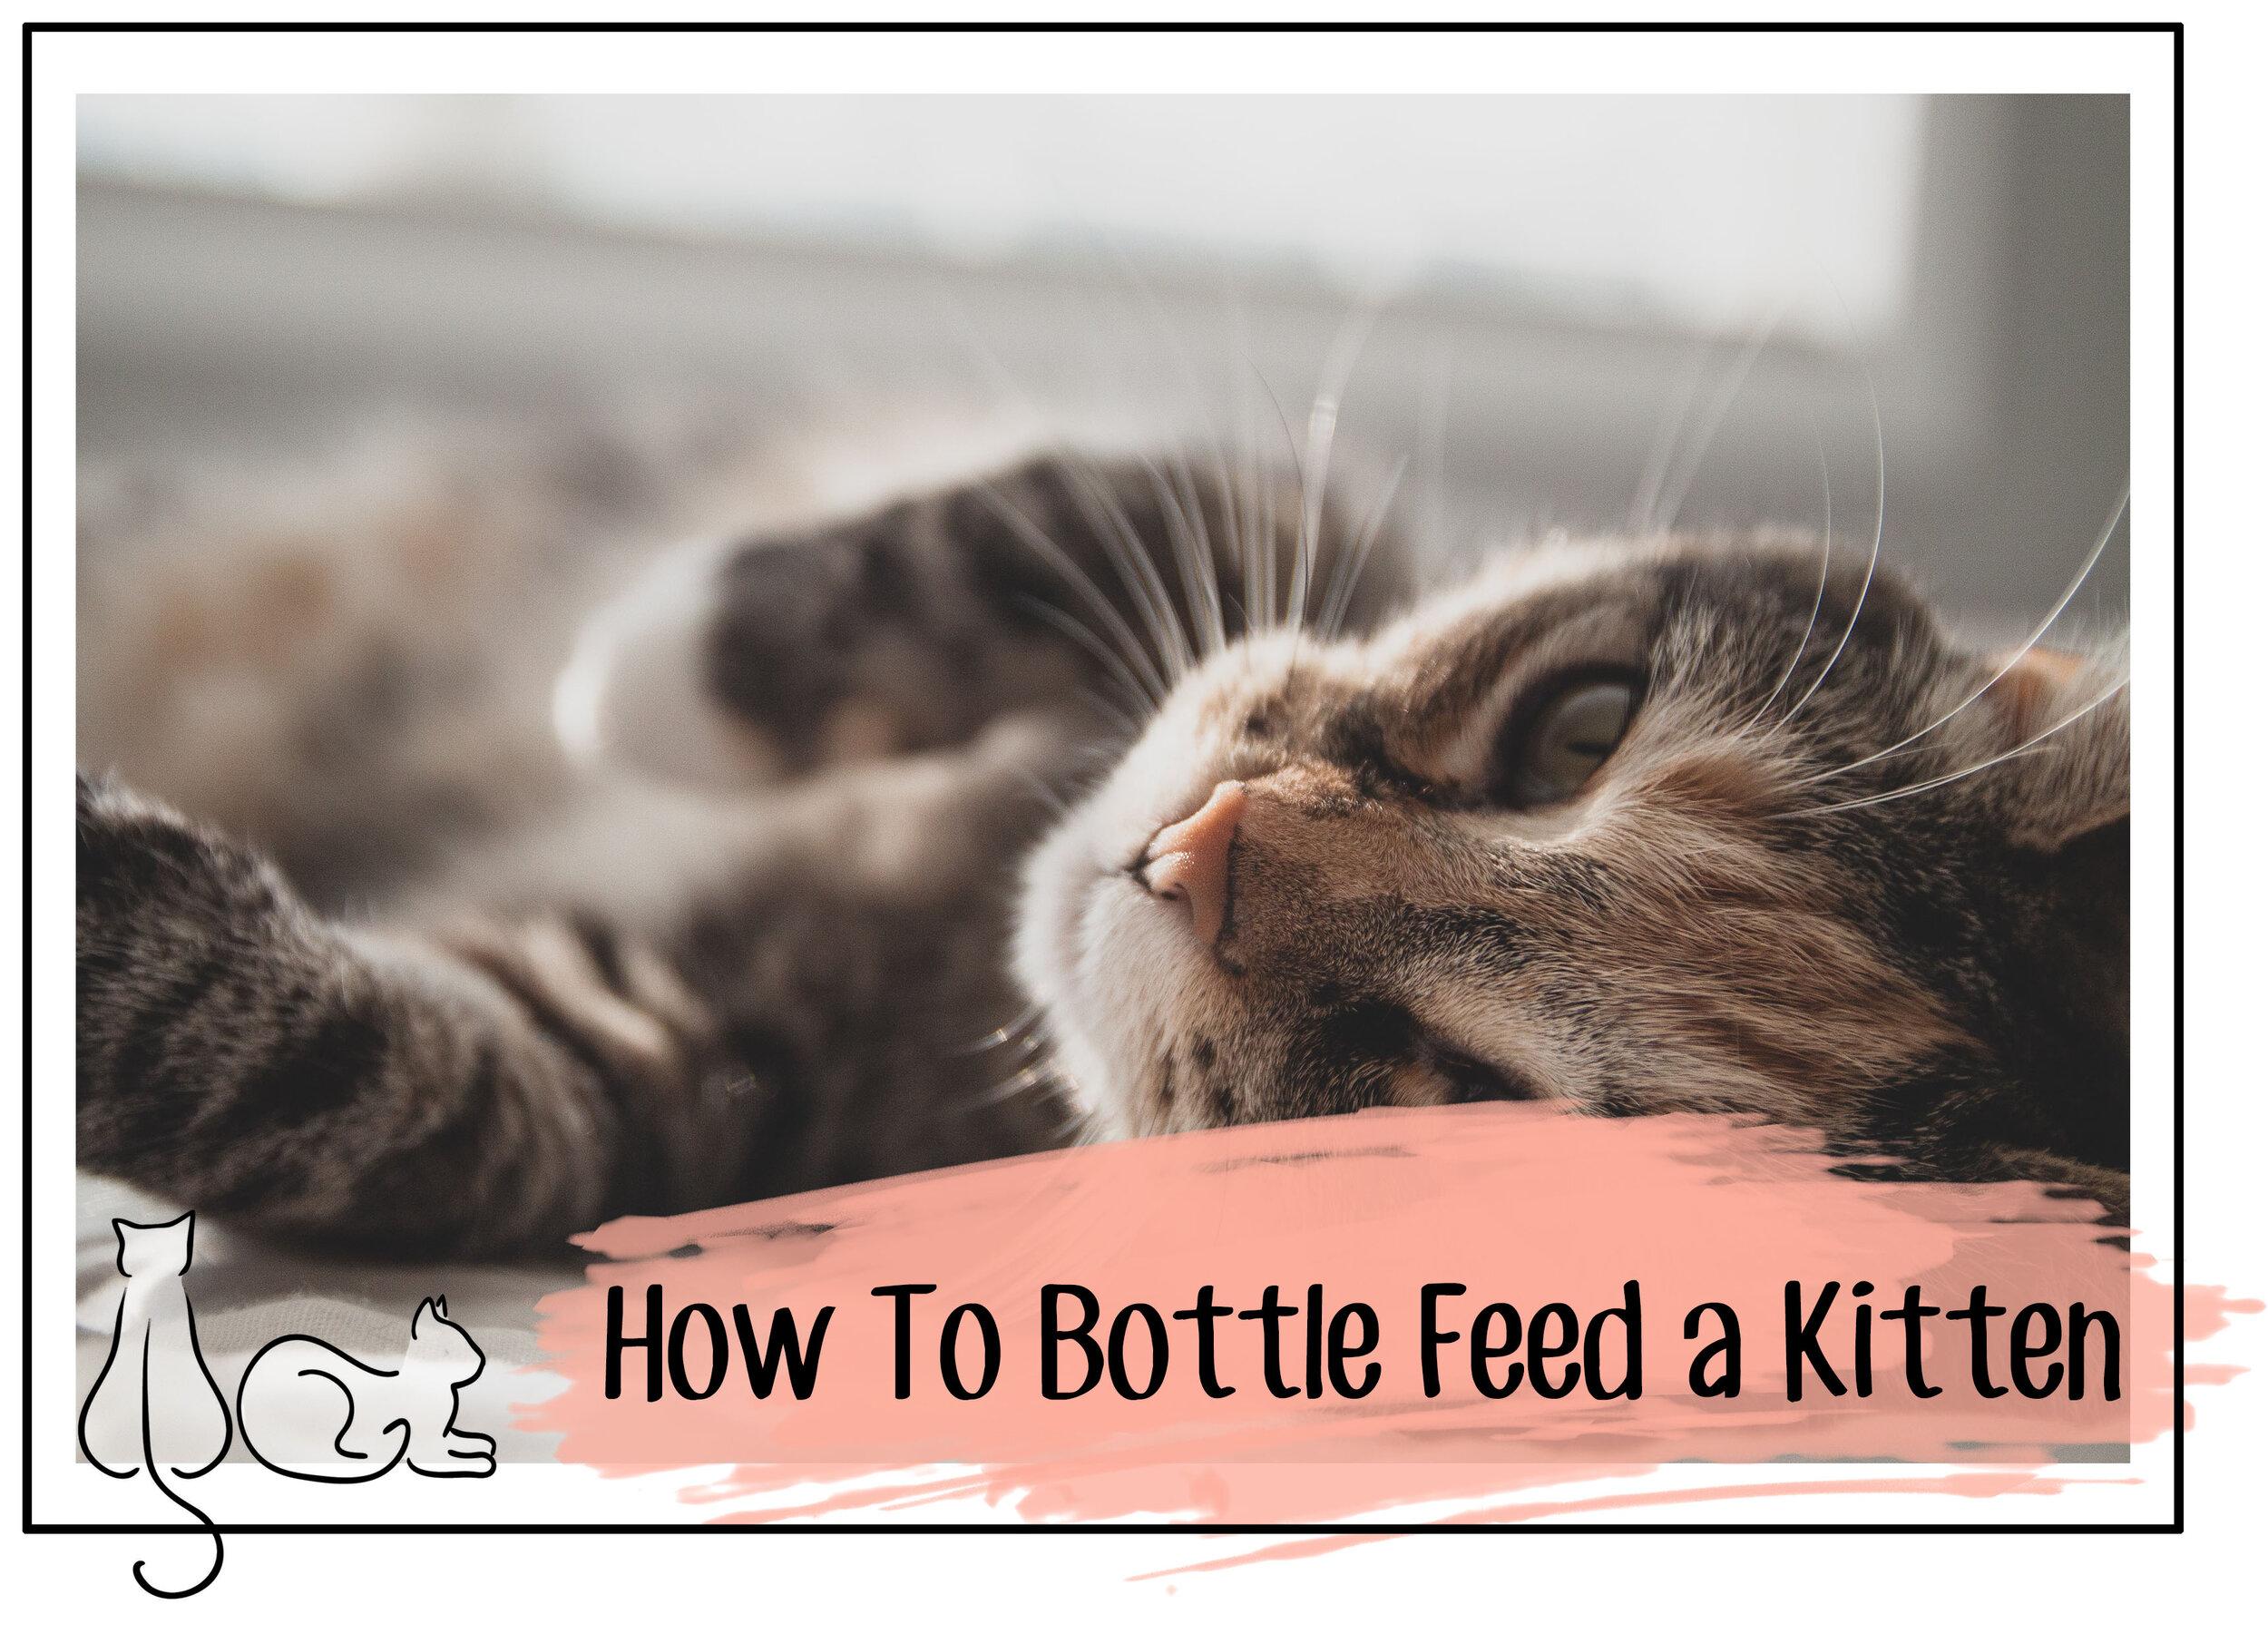 bottle feeding kittens header.jpg